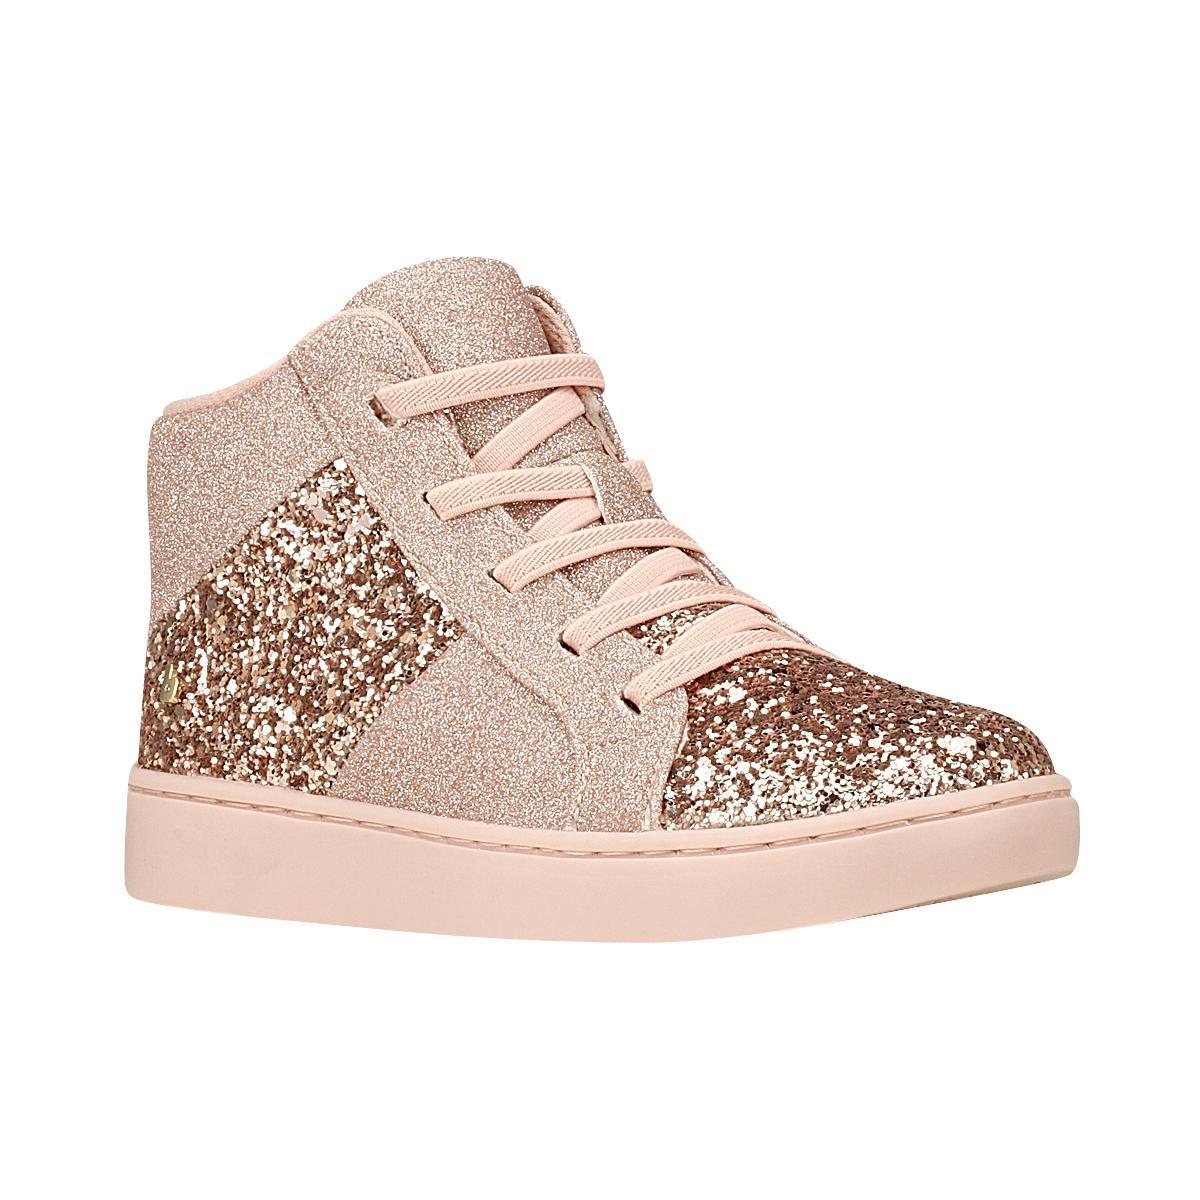 Zapatilla caña alta Urban Boots Rosa